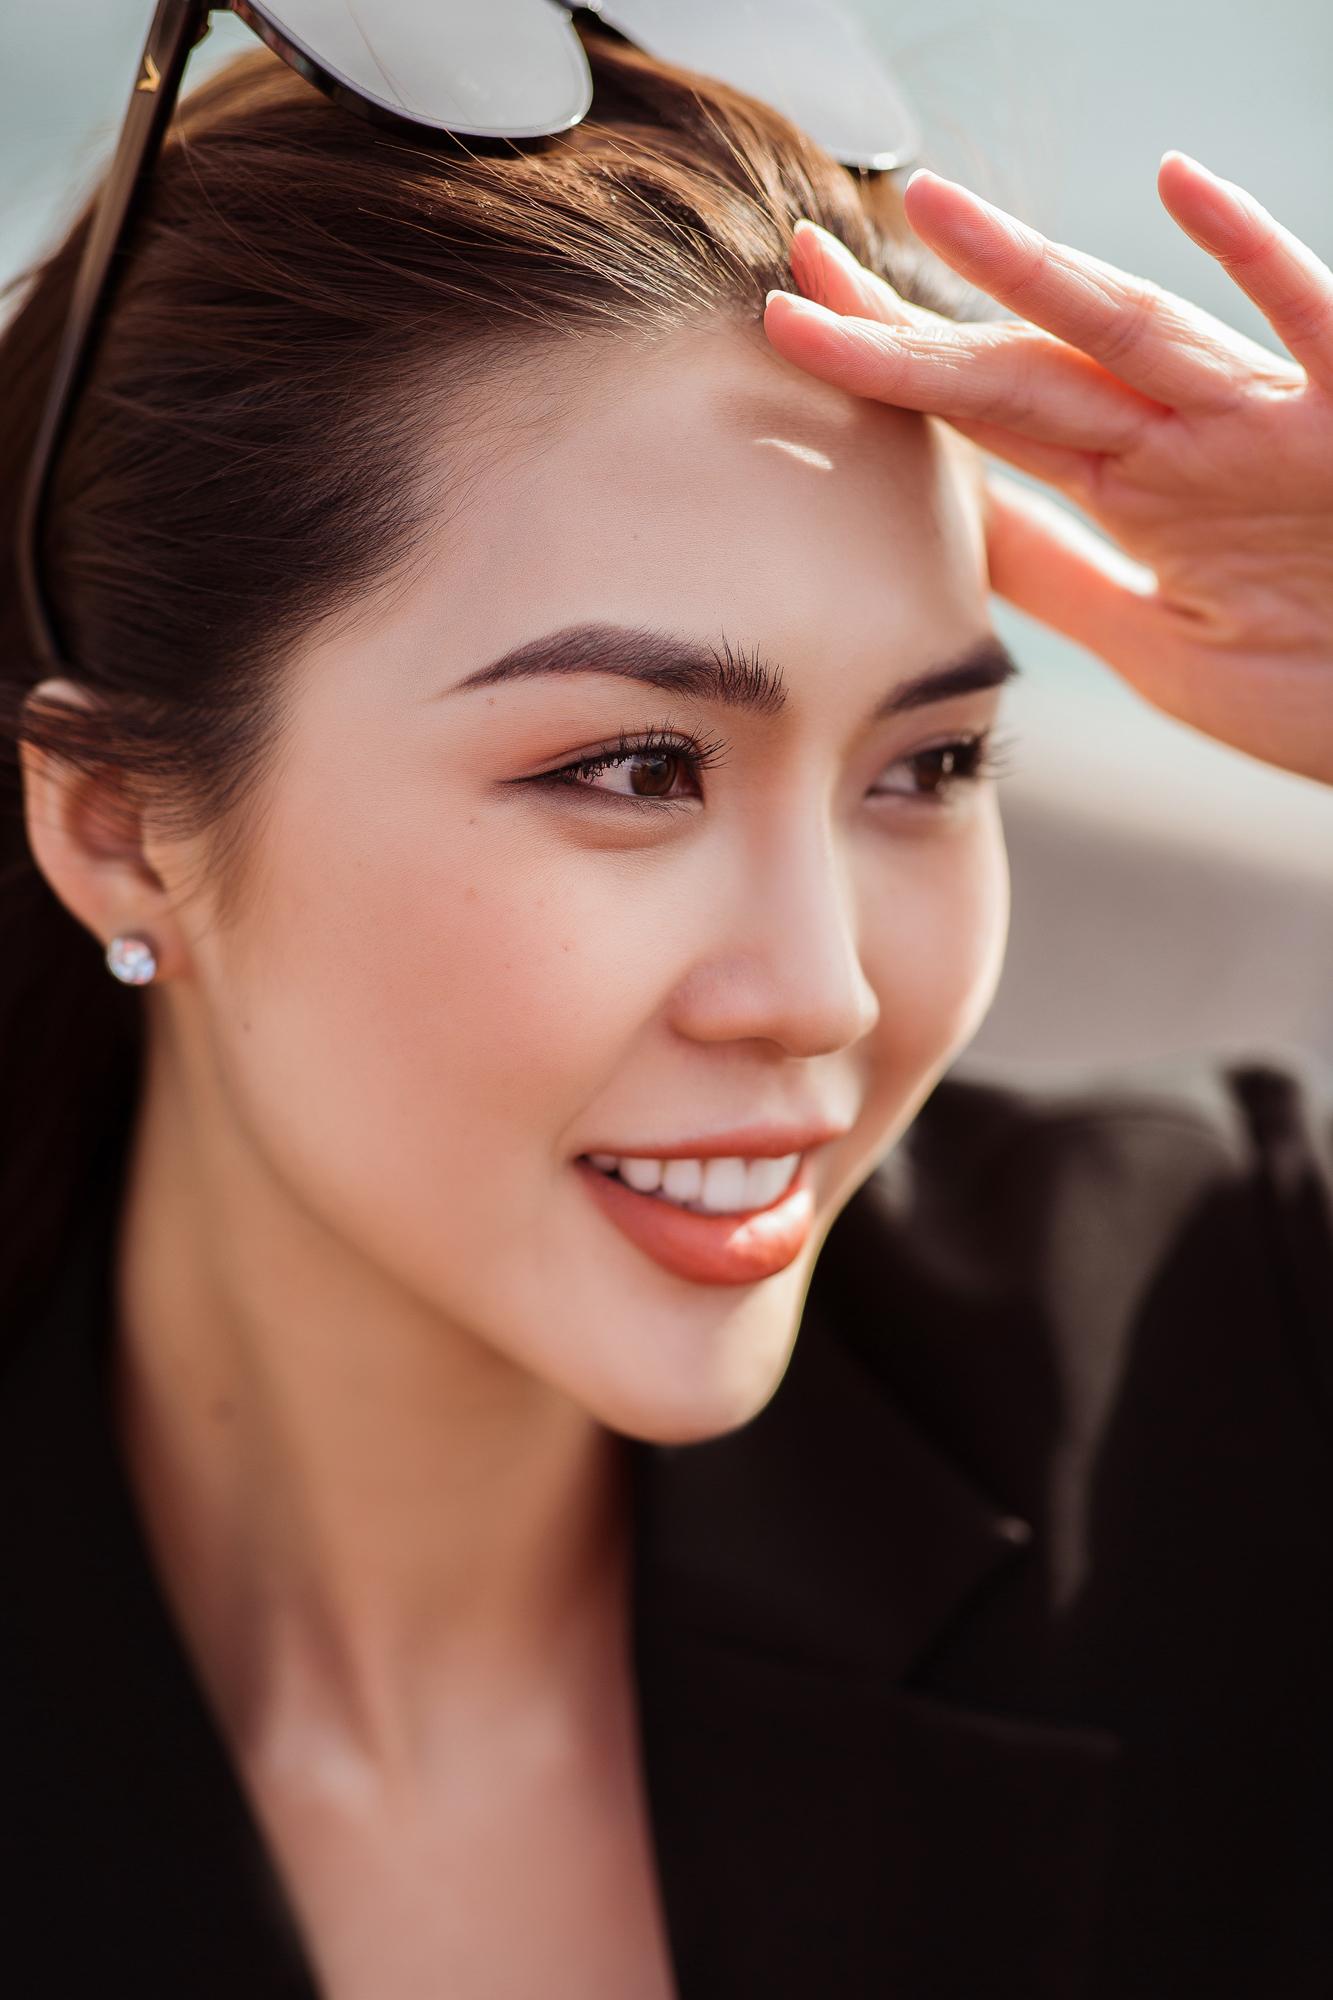 Hoa hậu Tường Linh phủ kín đồ hiệu dạo chơi tại Úc 6